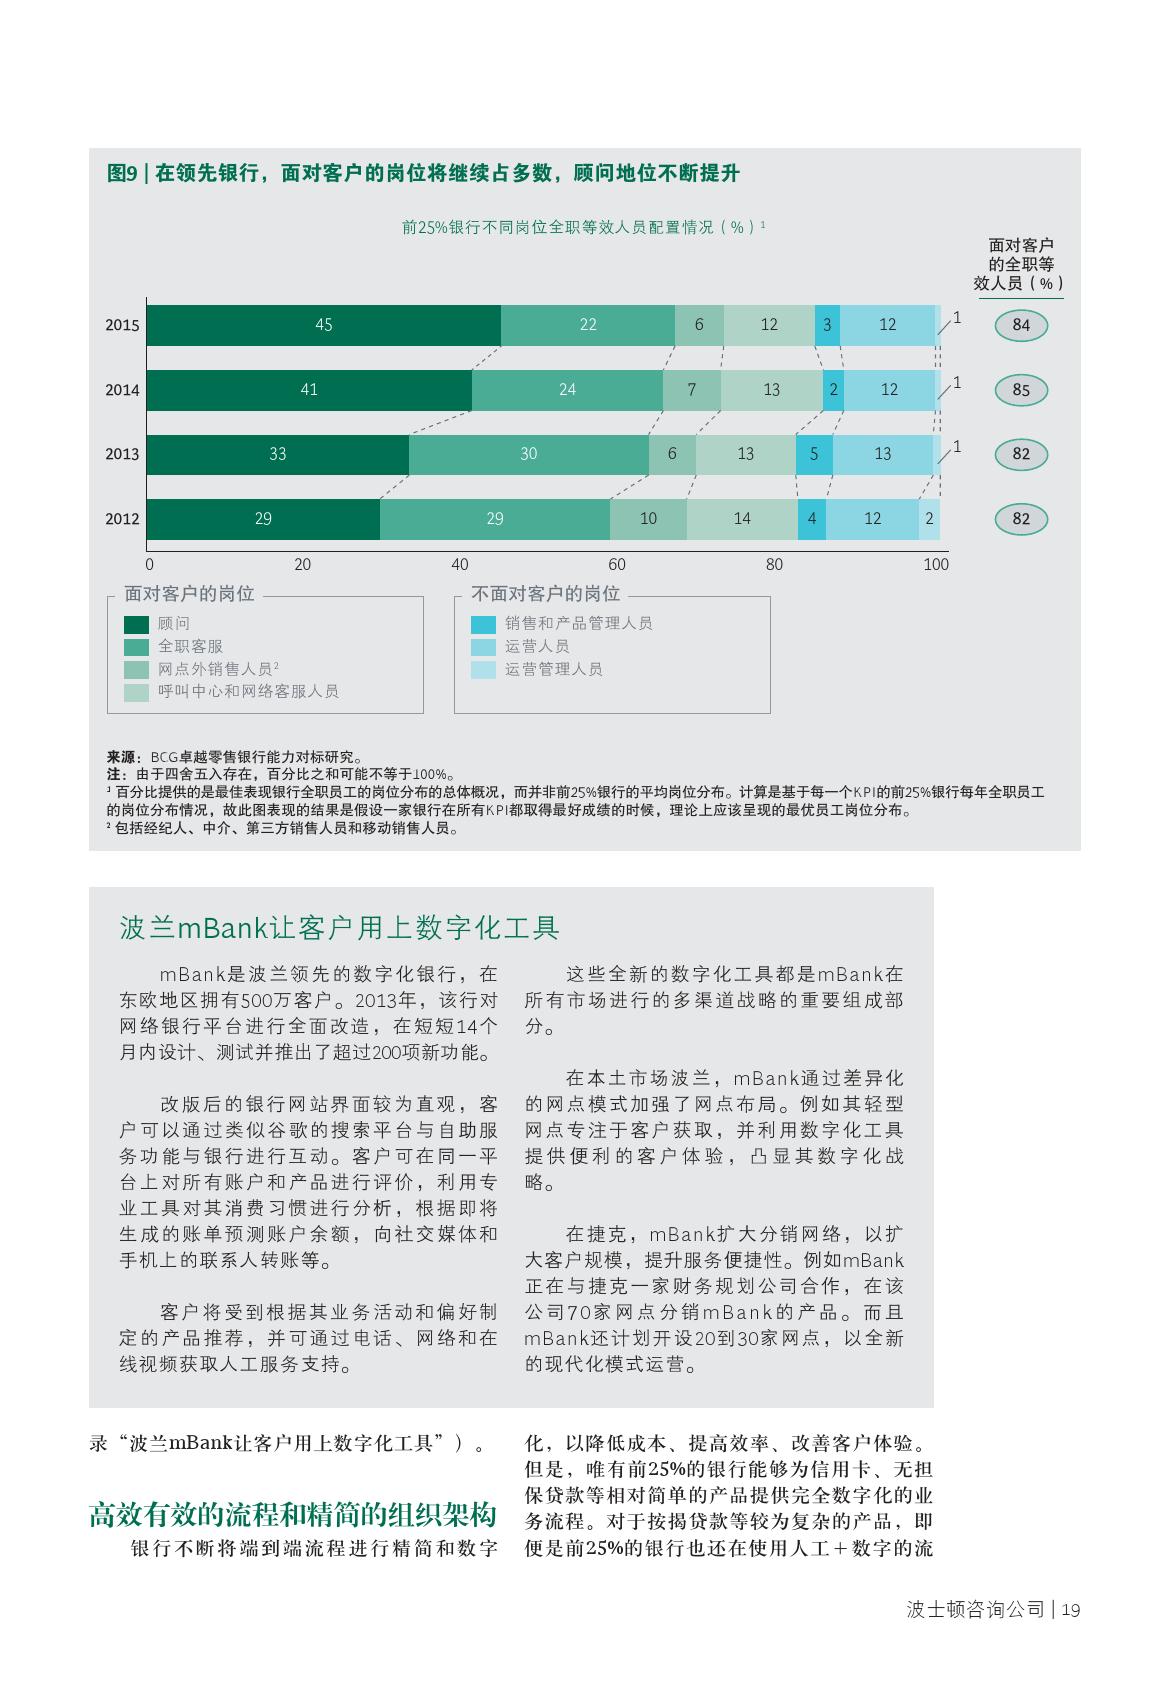 2016年全球零售银行业报告_000021